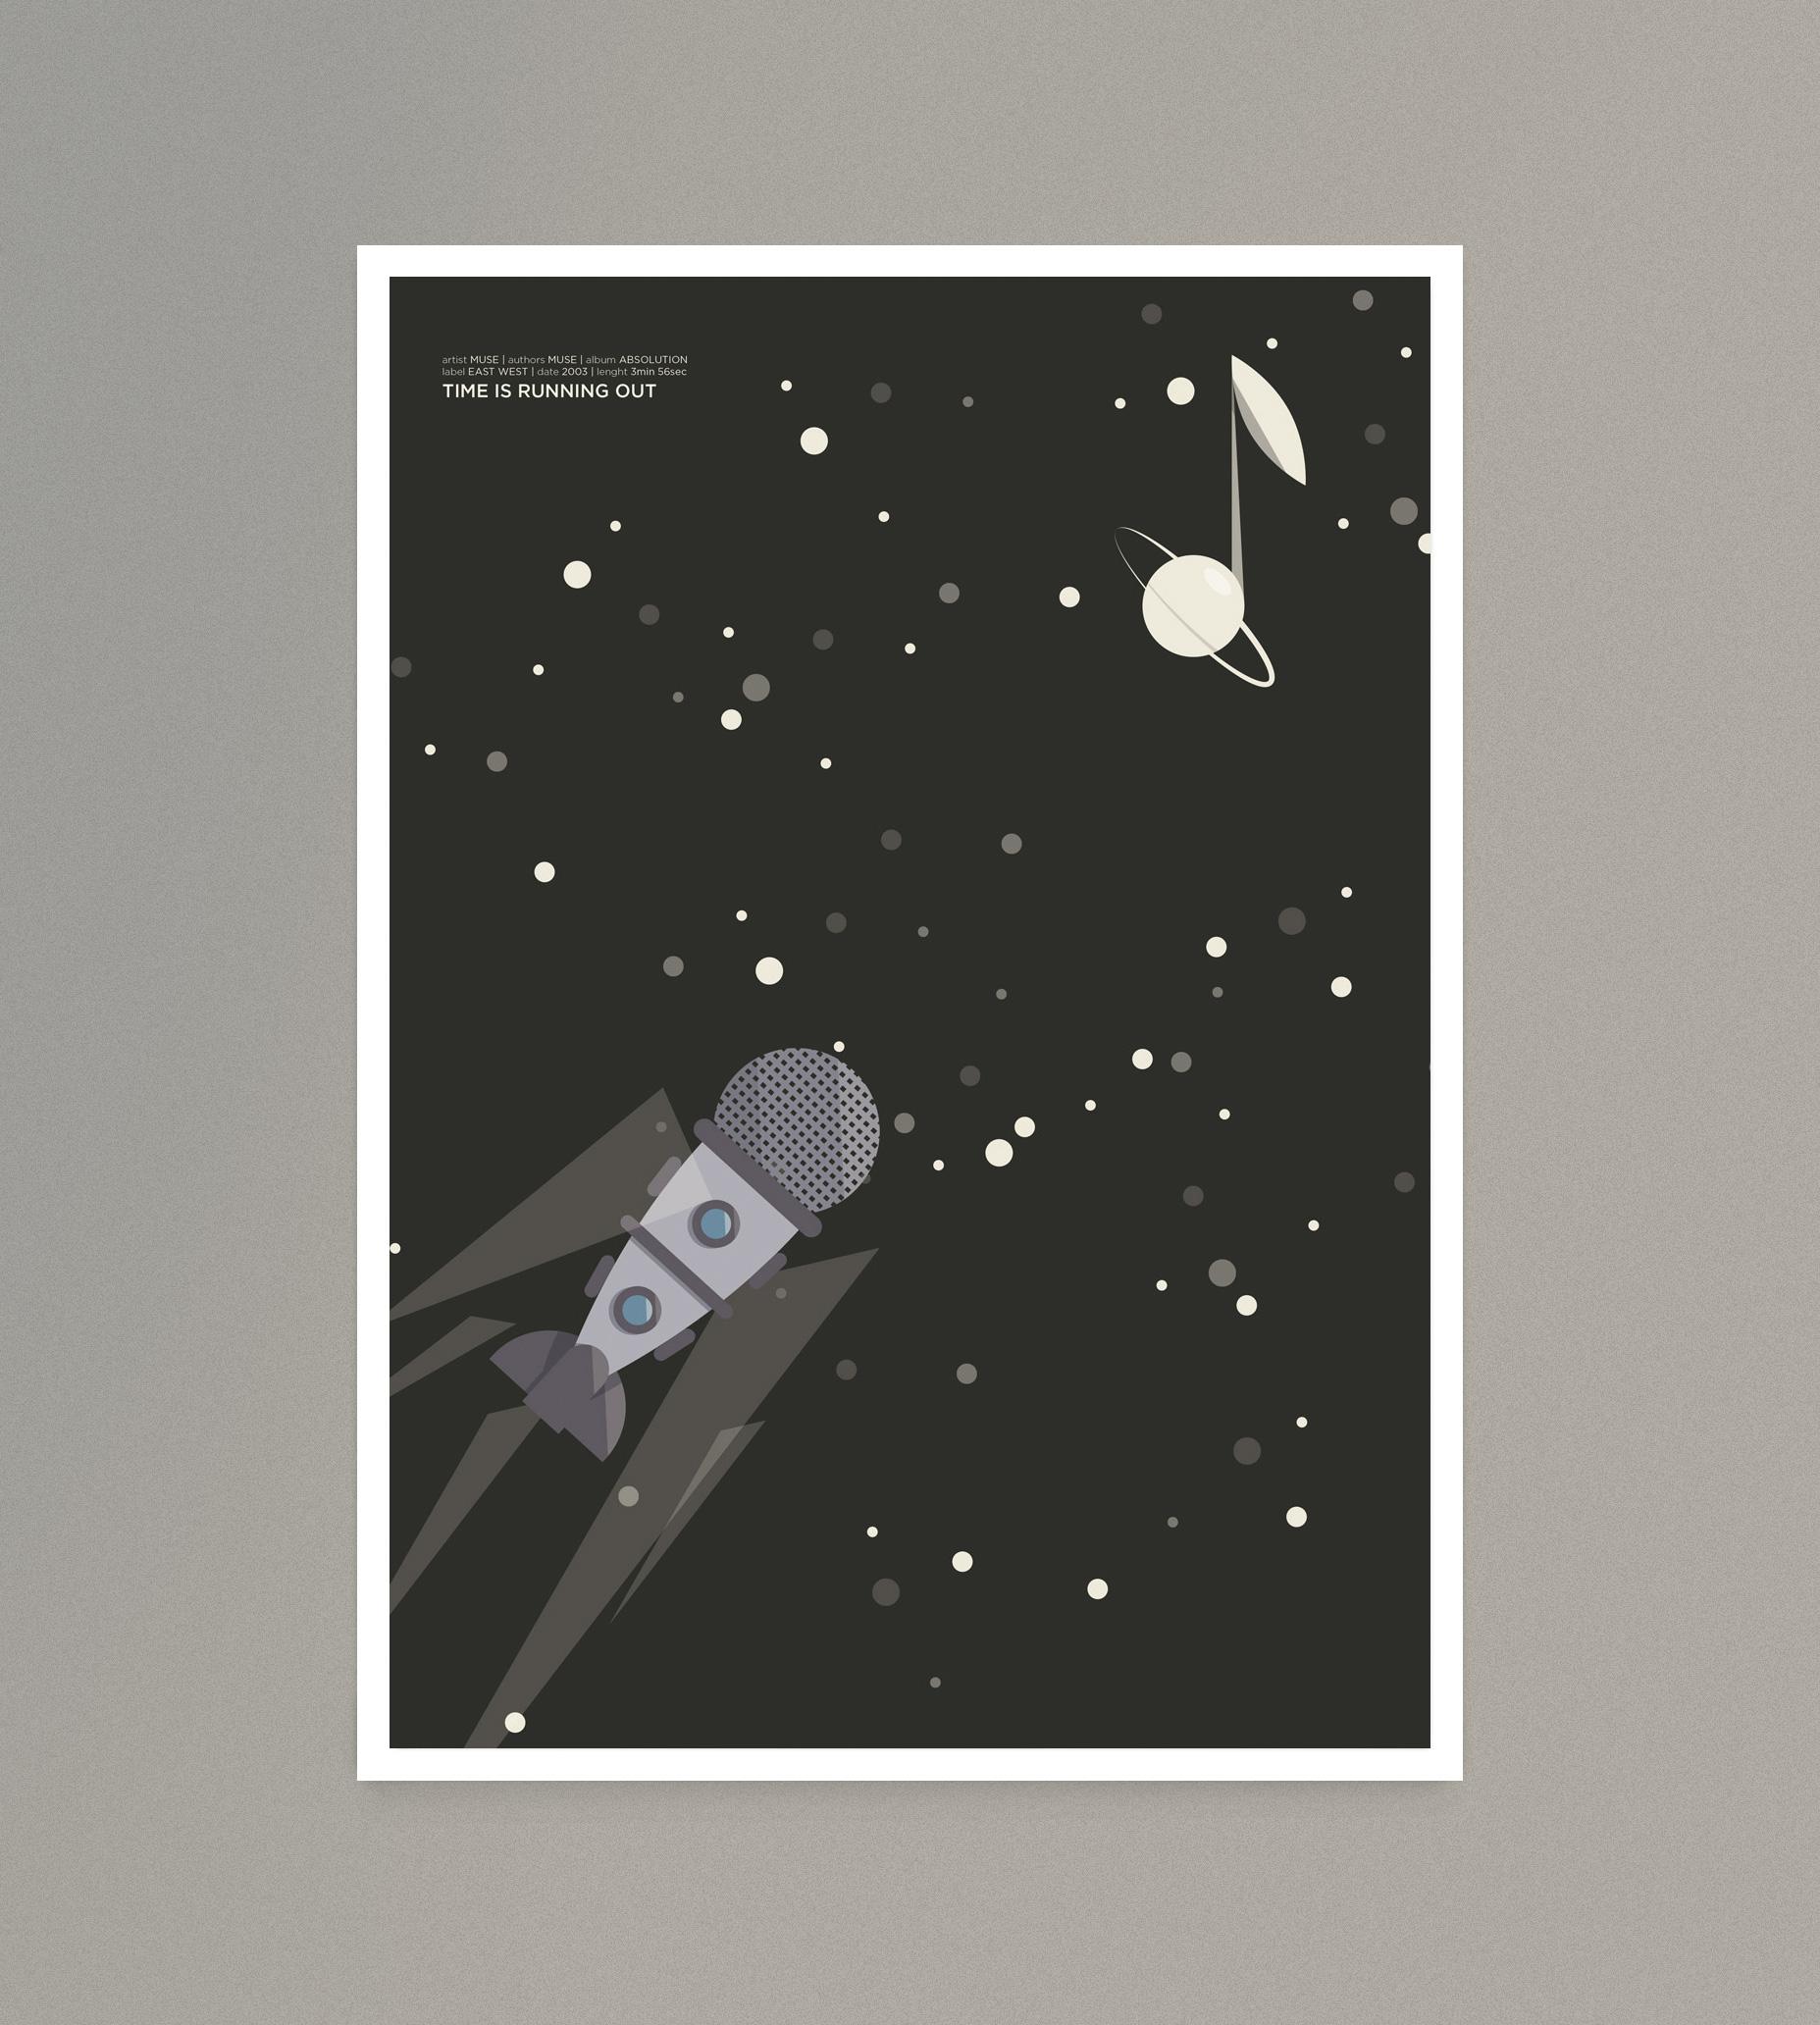 Time is running out, un missile a forma di microfono solca uno spazio di note sconosciute